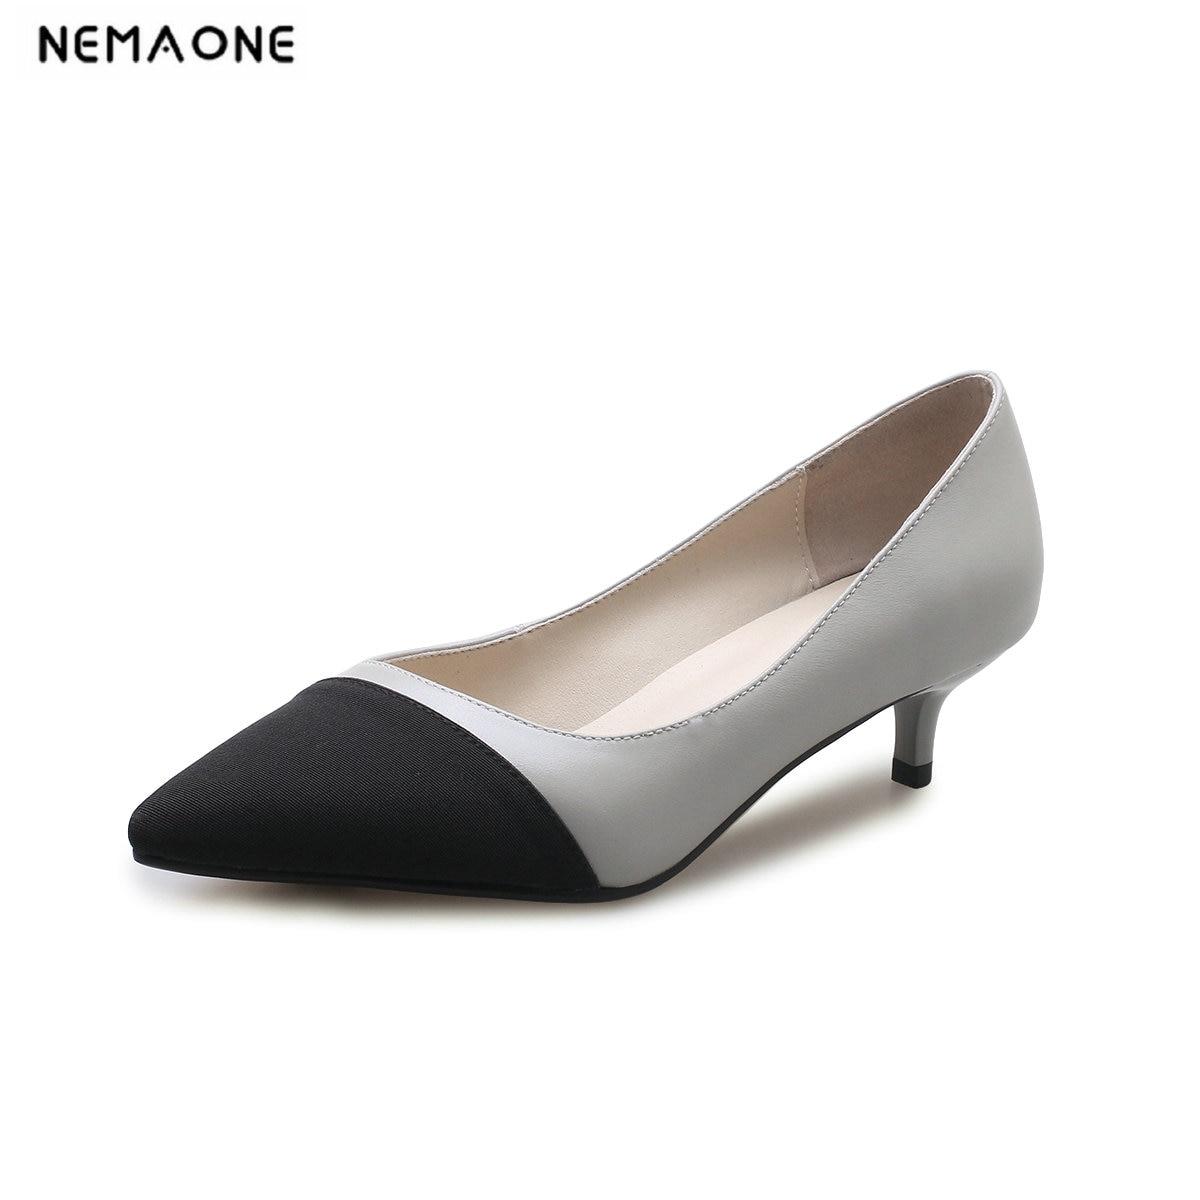 Cuir Pompes Taille Haut De 34 Femmes Talon Nouveau Femme 43 Bureau Nemaone Printemps Mariage Chaussures gris En Beige Véritable Mince hCxrdotsQB